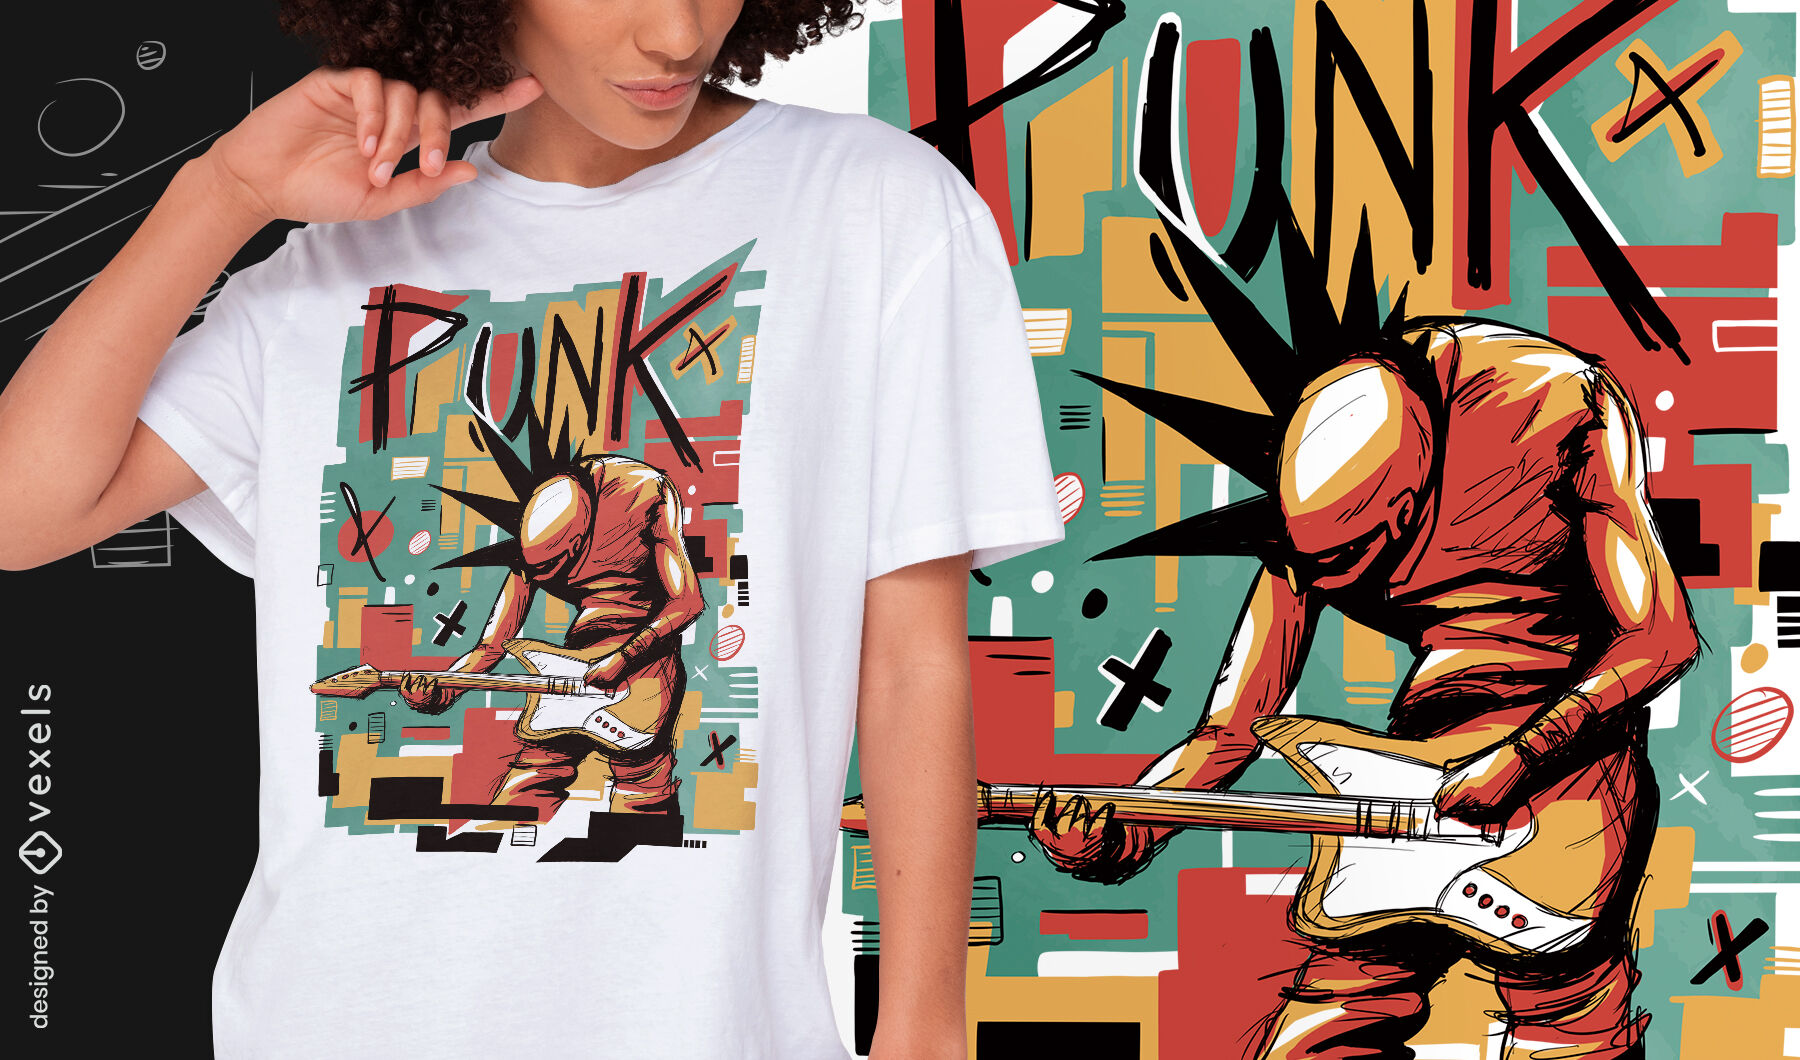 Punk musician abstract psd t-shirt